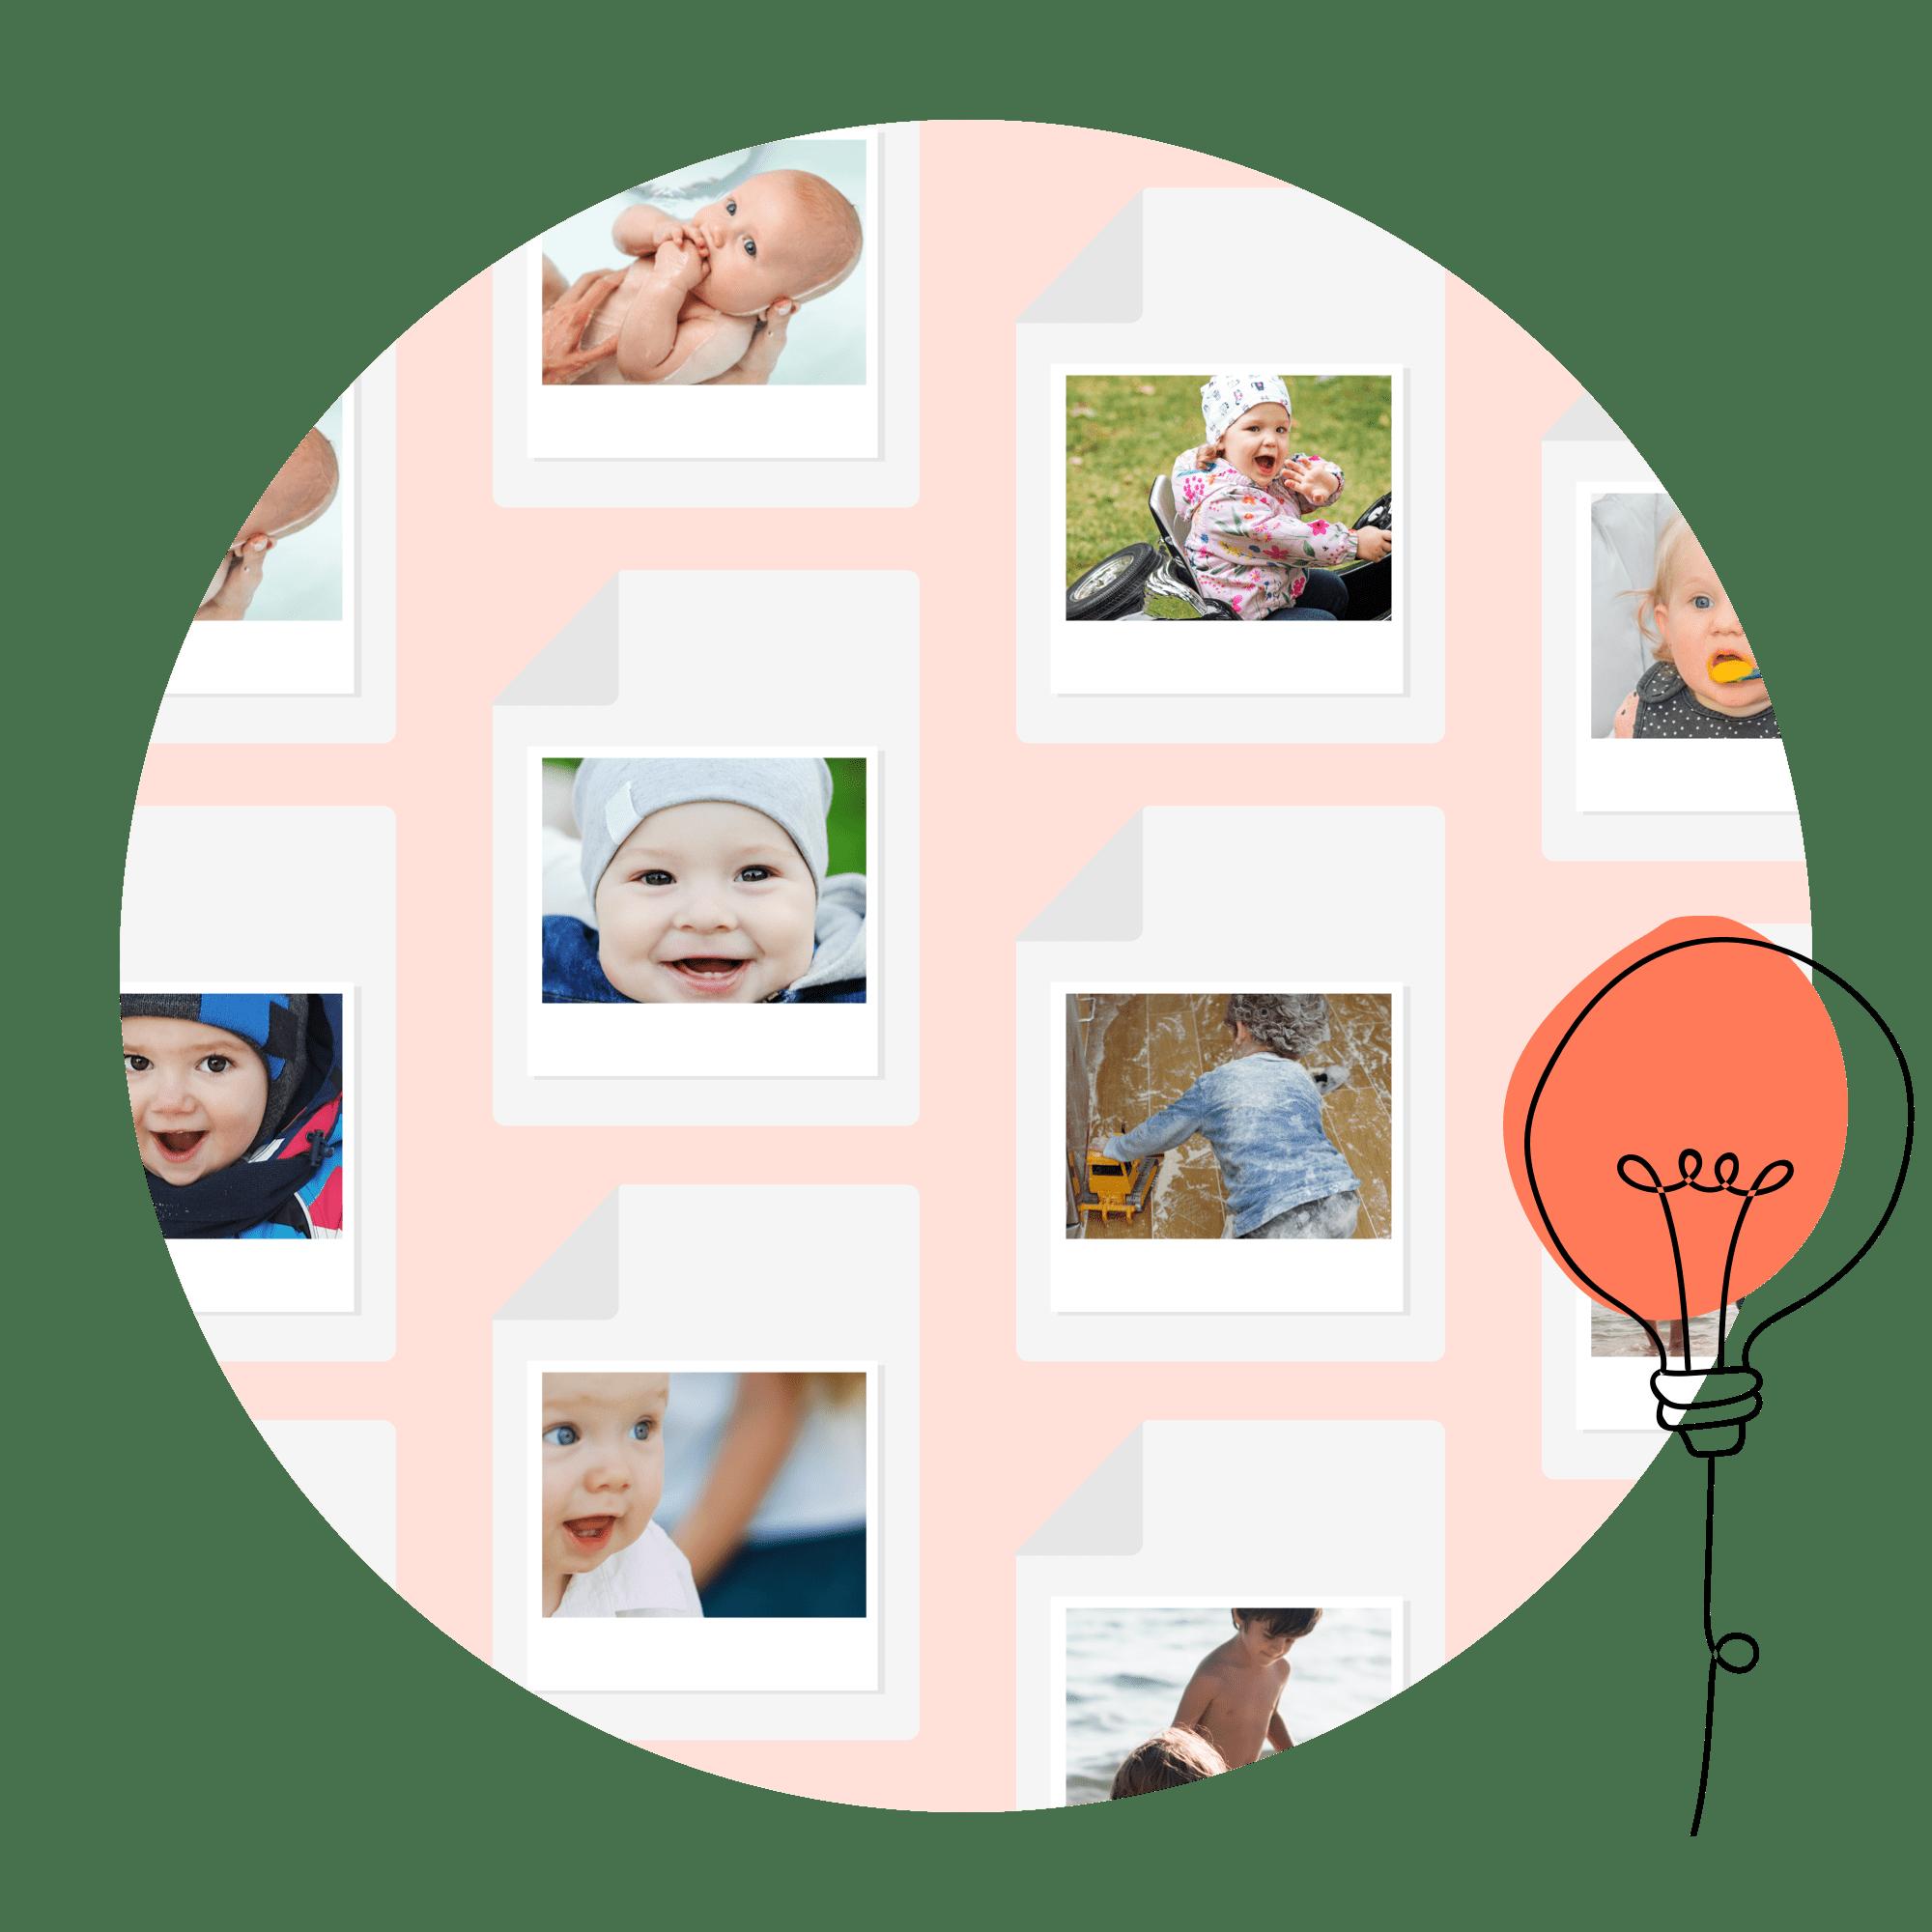 Collage mit unterschiedlichen Kinderfotos und Comicglühbirne in rot